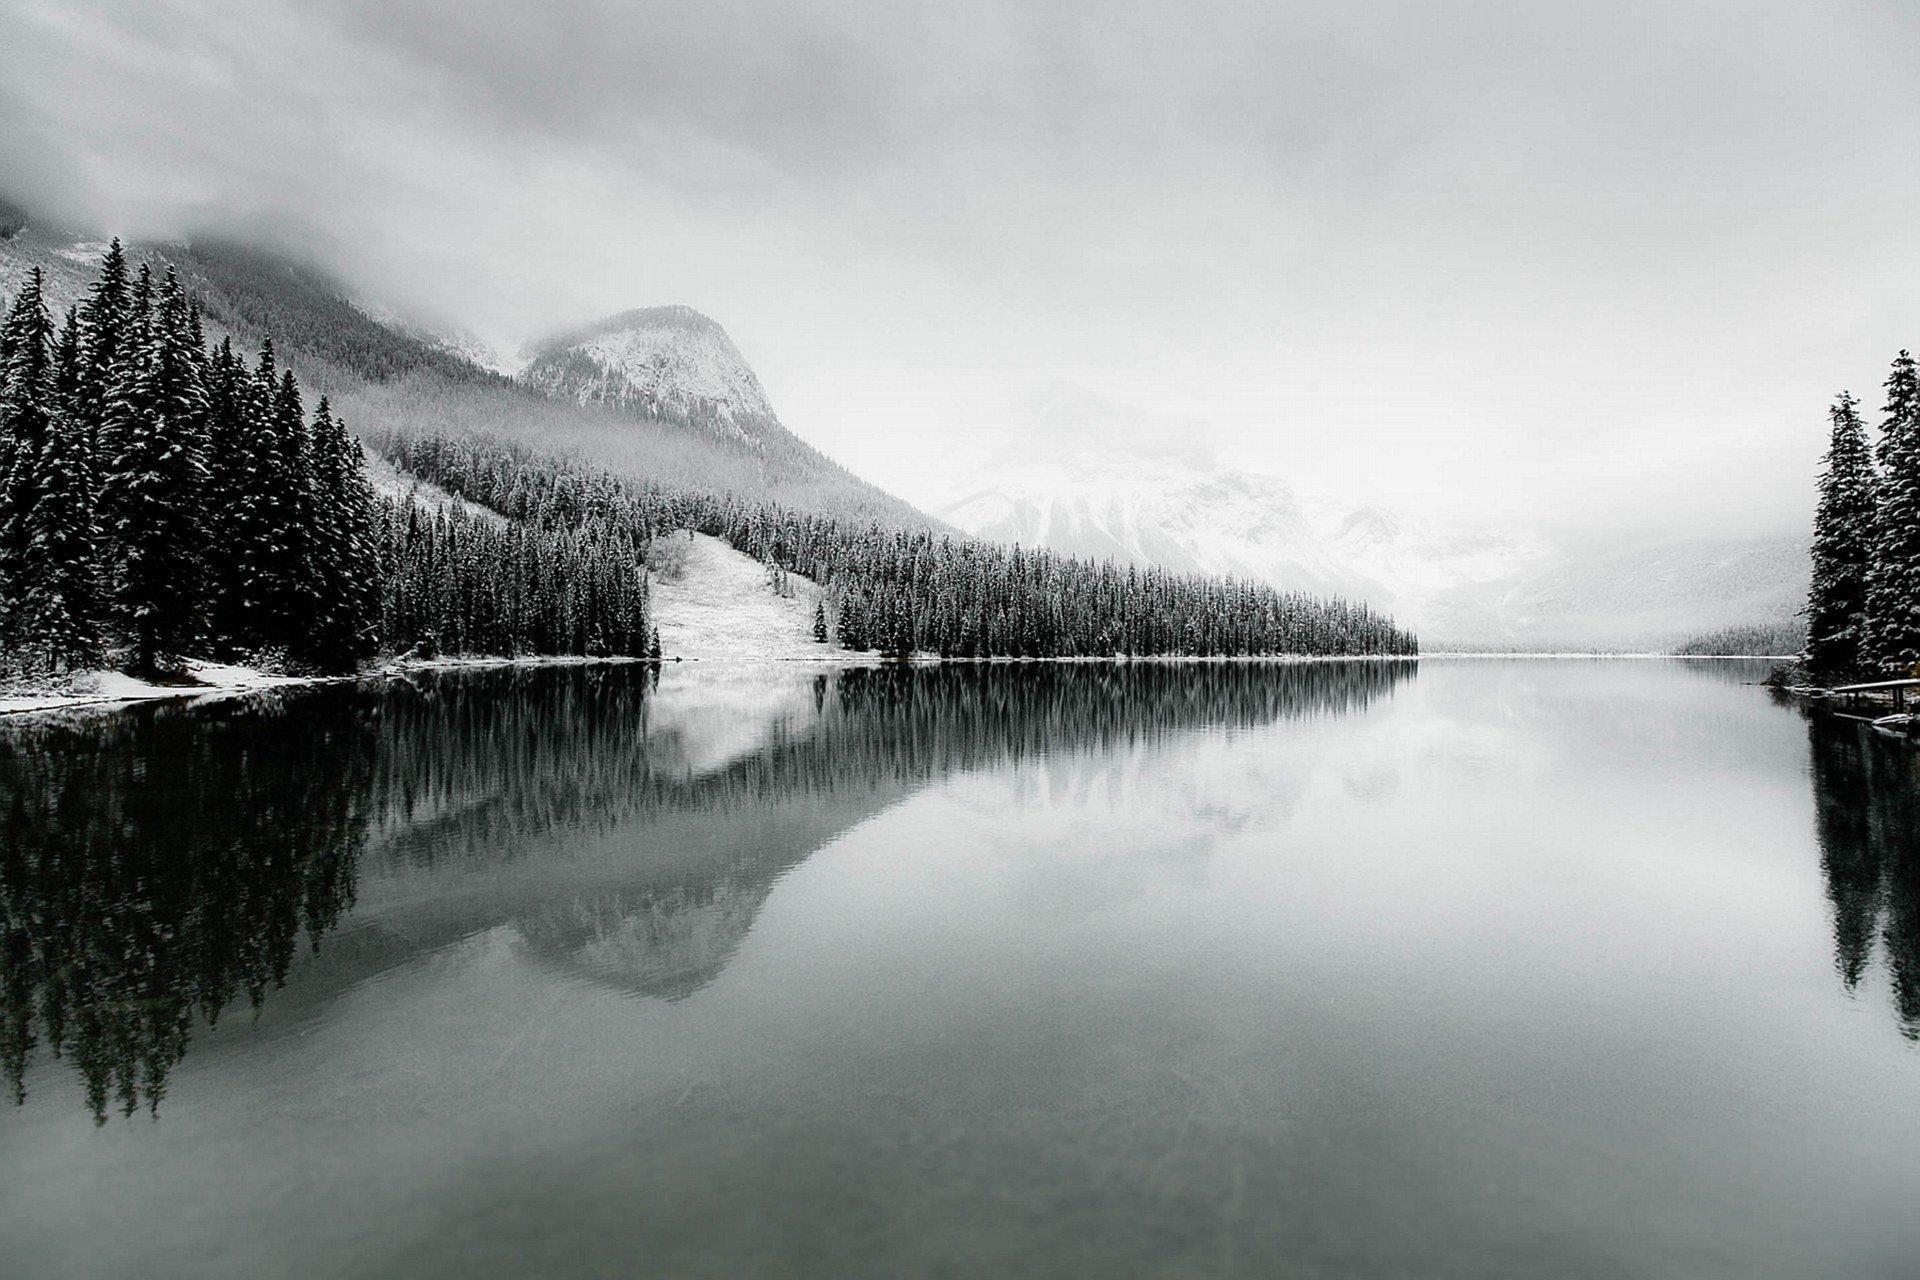 Озеро Эмералд в снегу, Канада. Фотограф - Вэнь-Лунг Ли Sony World Photography, Sony World Photography Awards 2018, лауреаты, лучшие фото, лучшие фотографии, победители, победители конкурса, фотоконкурс